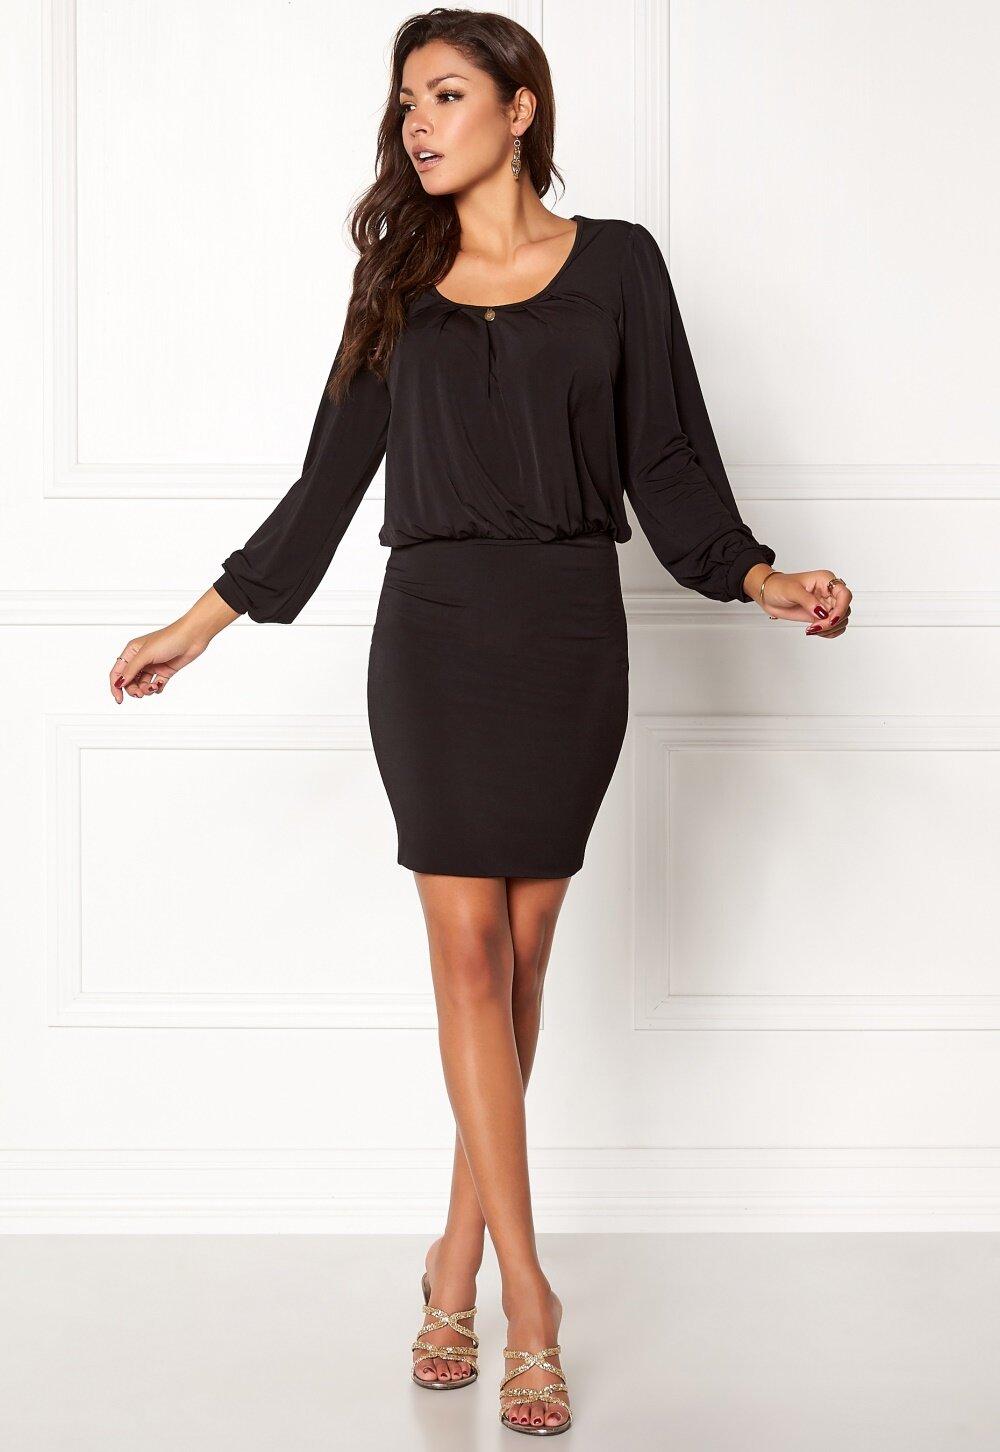 b93a1ac4 Chiara Forthi Crystal Dress Black - Bubbleroom